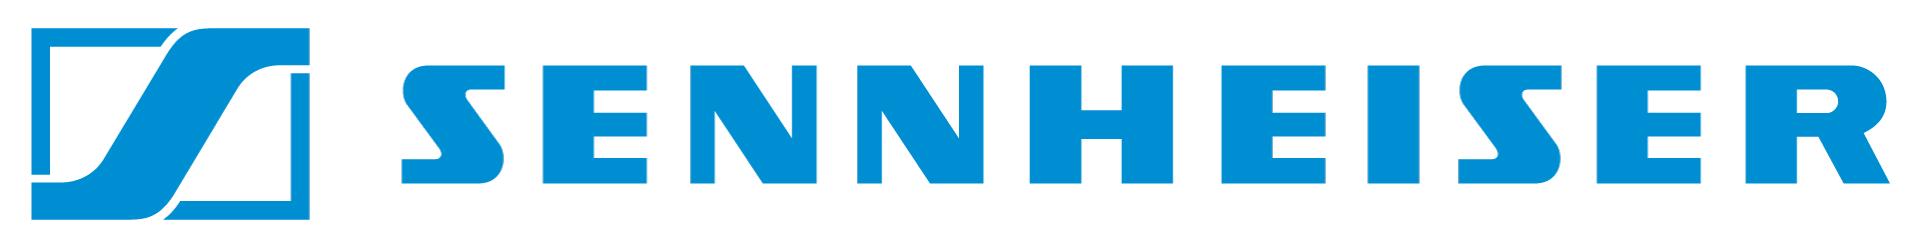 Sennheiser logo nigeria